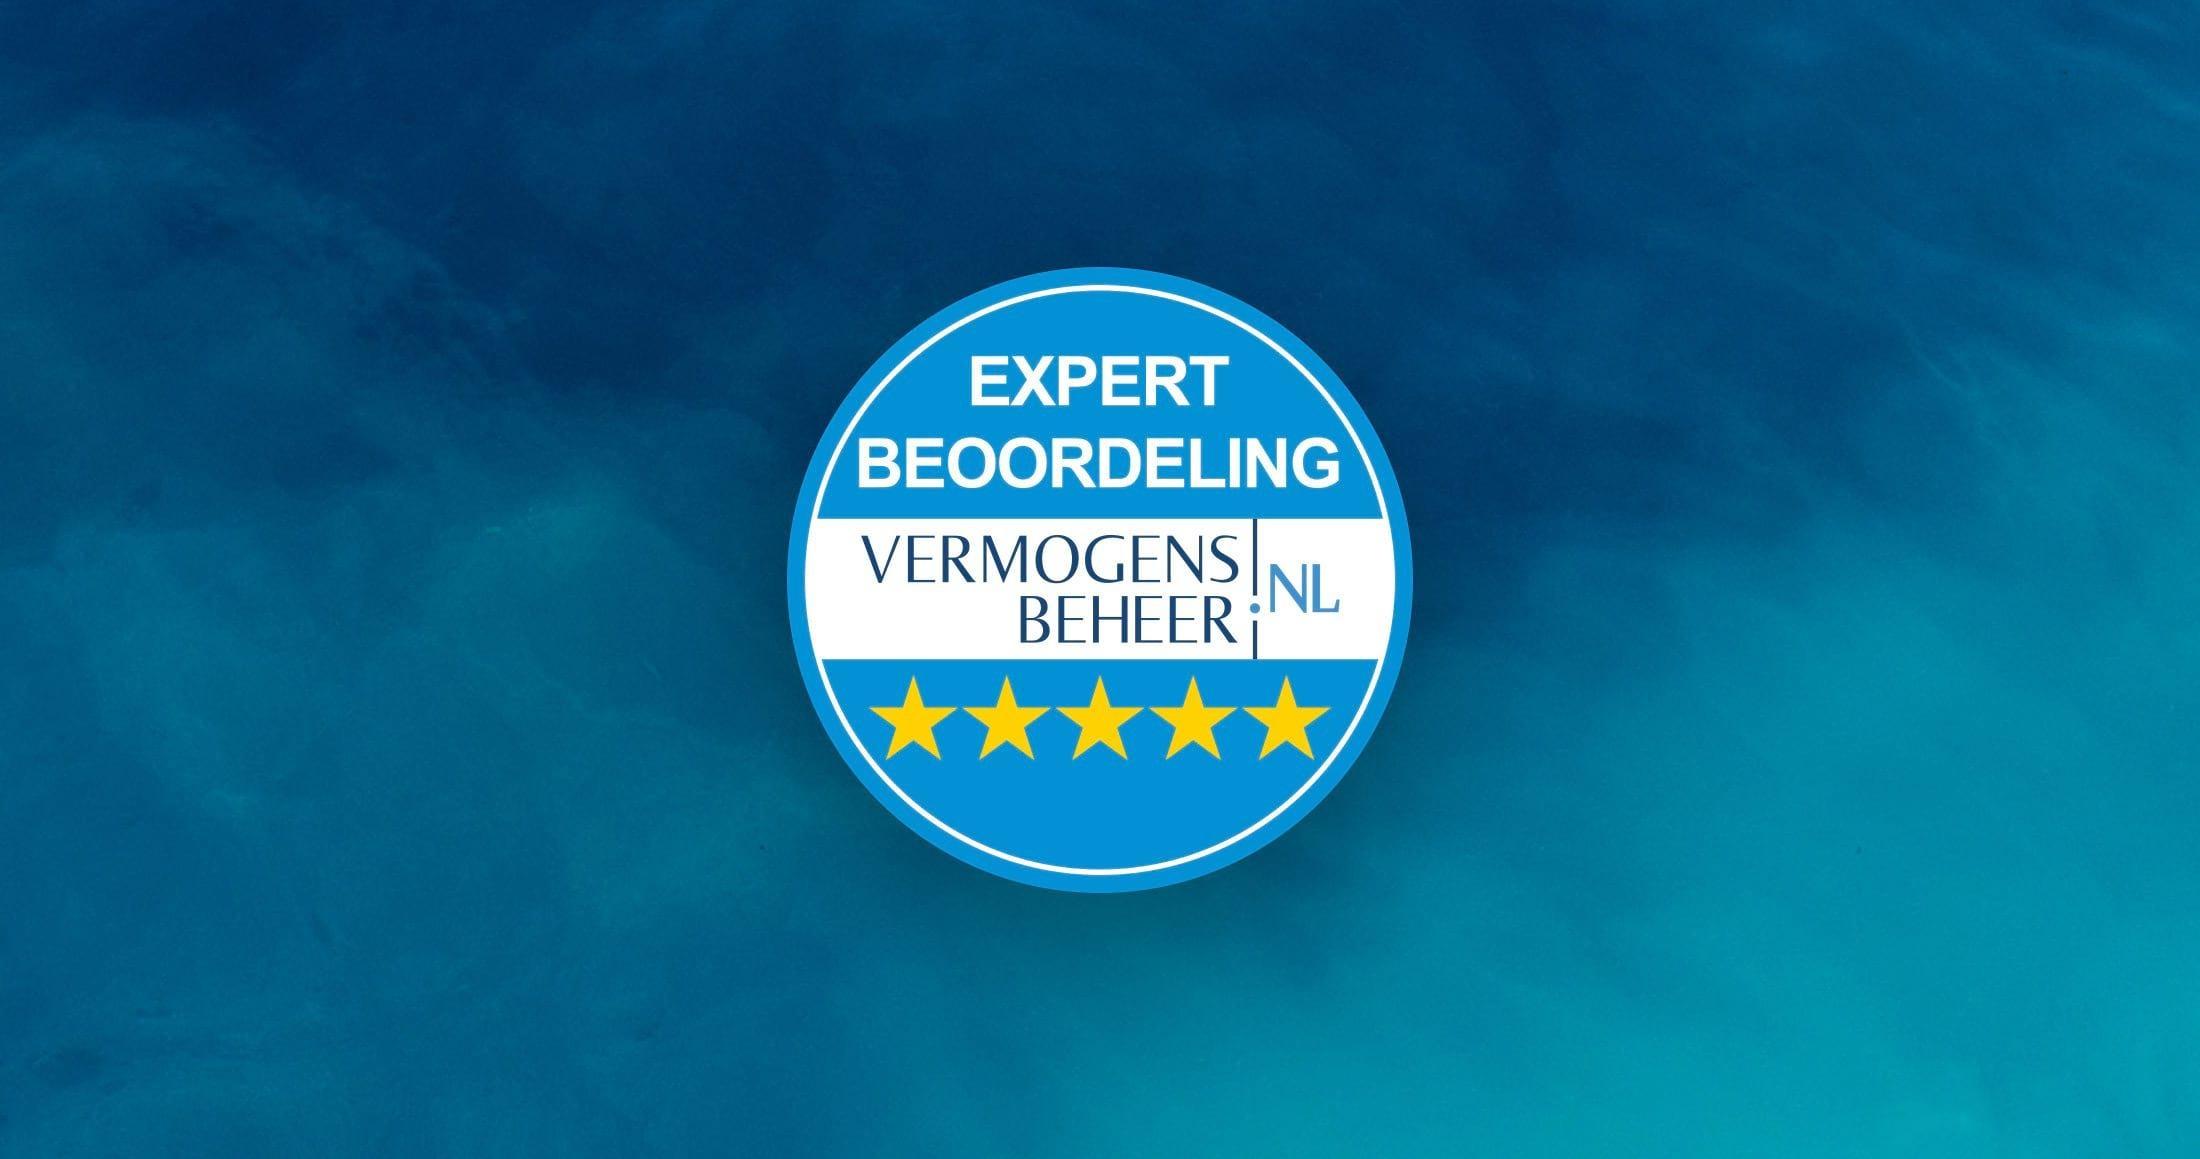 Semmie krijgt 5 sterren van Vermogensbeheer.nl